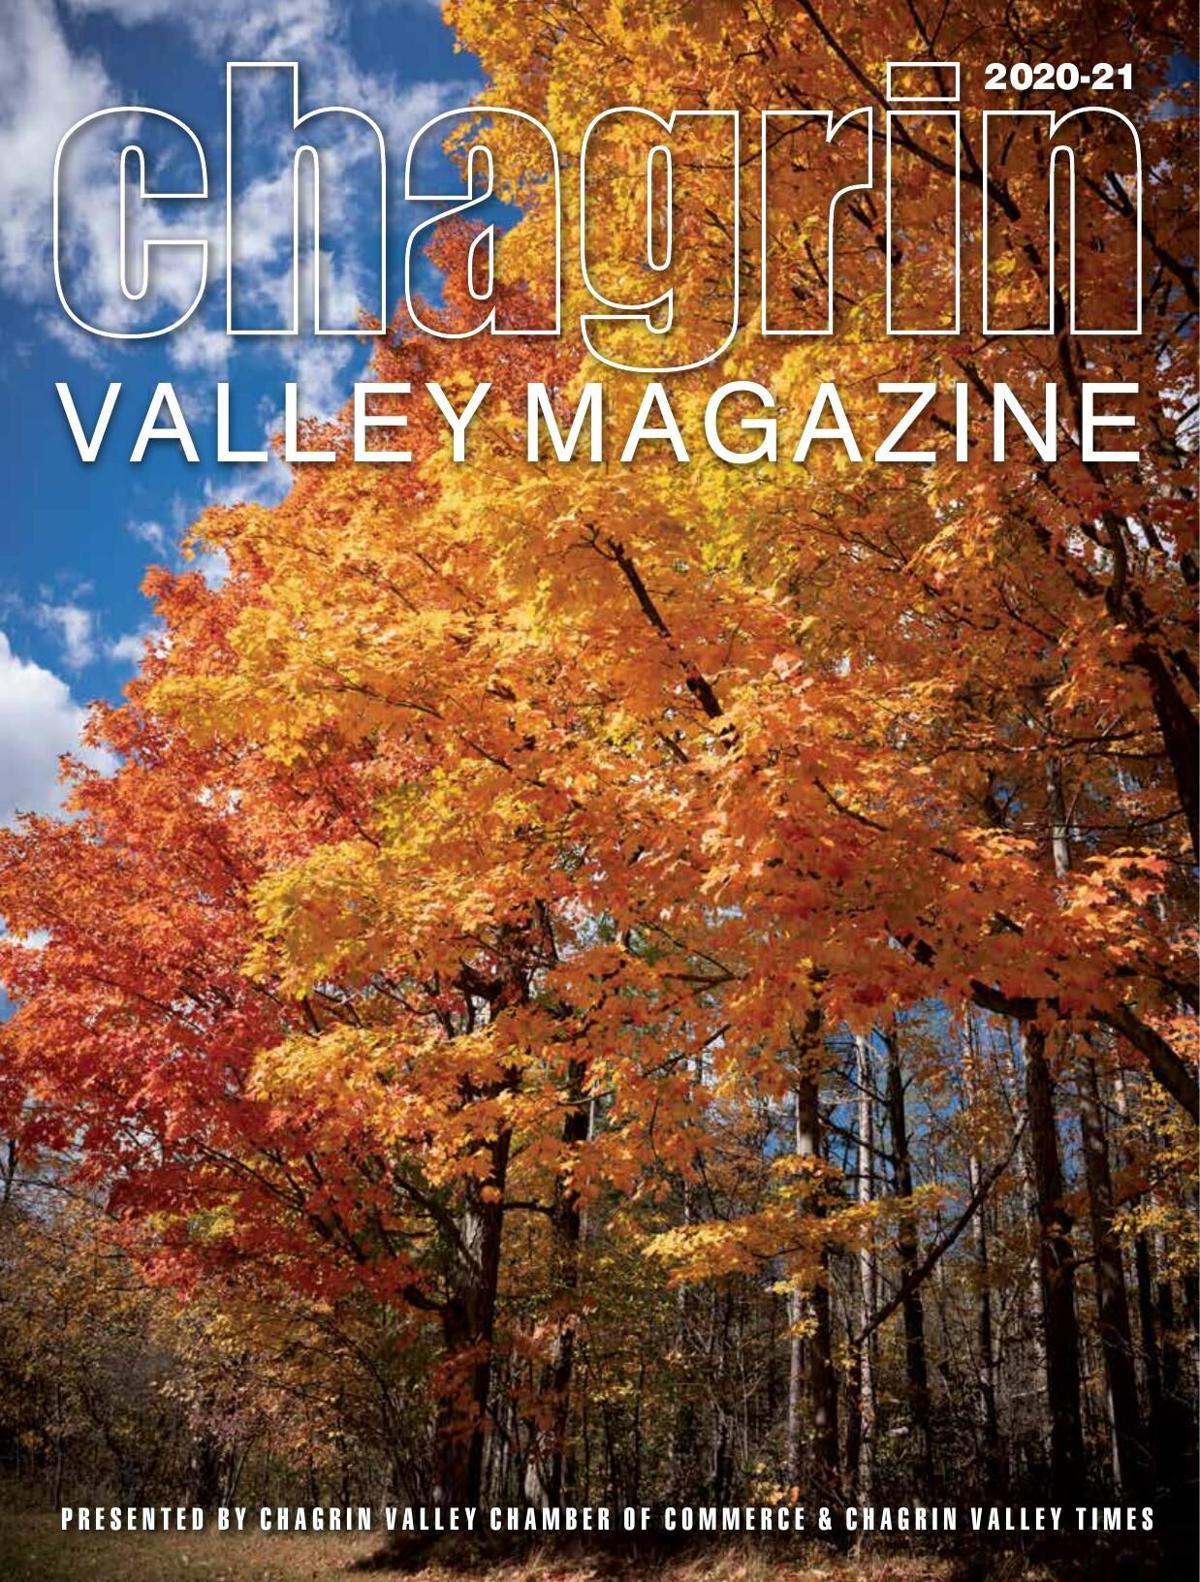 Chagrin Valley Magazine 2020-21